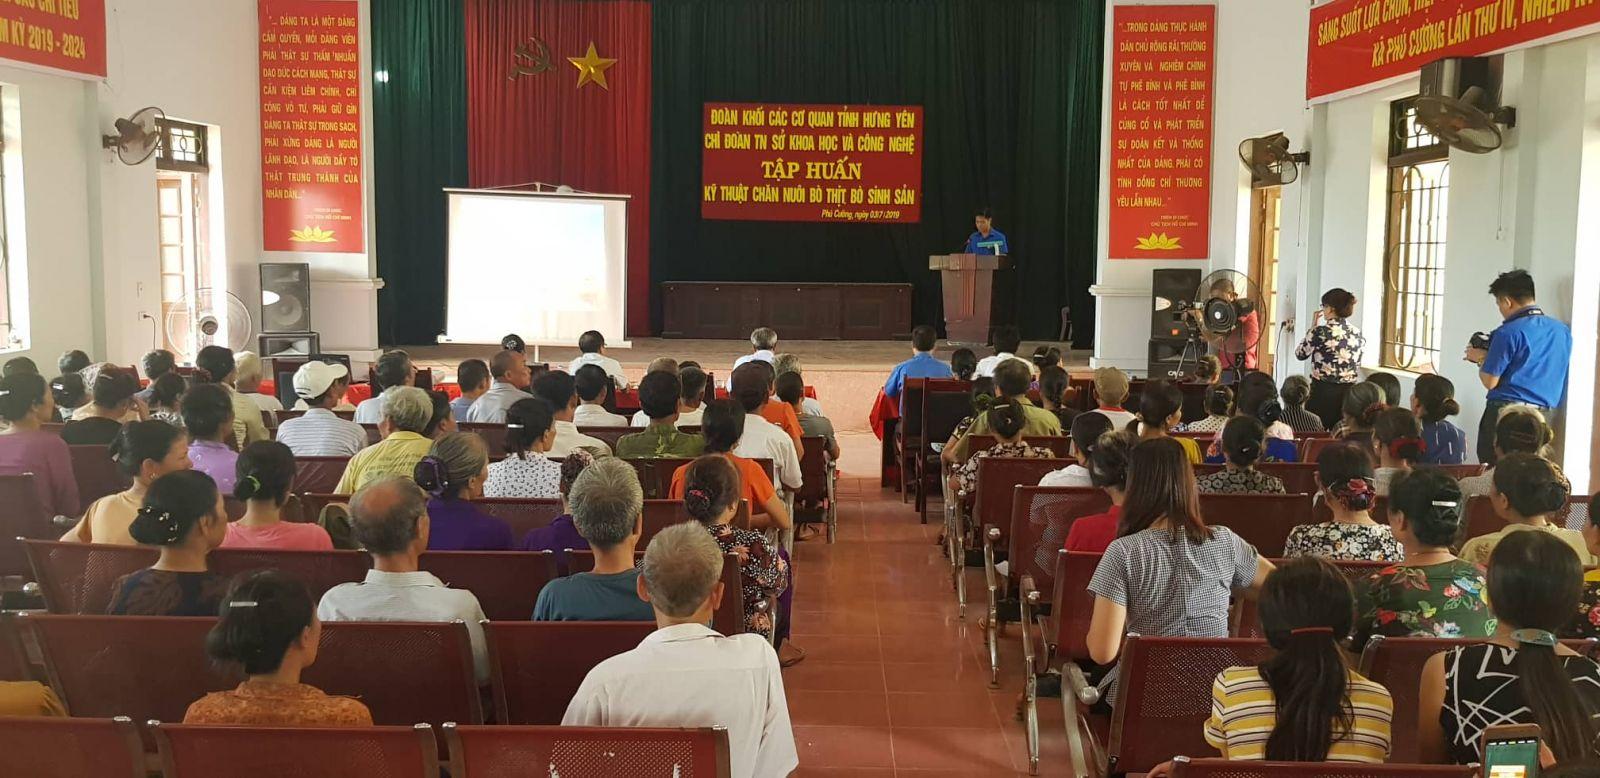 """Đội Tri thức trẻ tỉnh tổ chức các hoạt động """"Hỗ trợ nhân dân  phát triển kinh tế và tập huấn chuyển giao khoa học kỹ thuật trong nông nghiệp"""""""